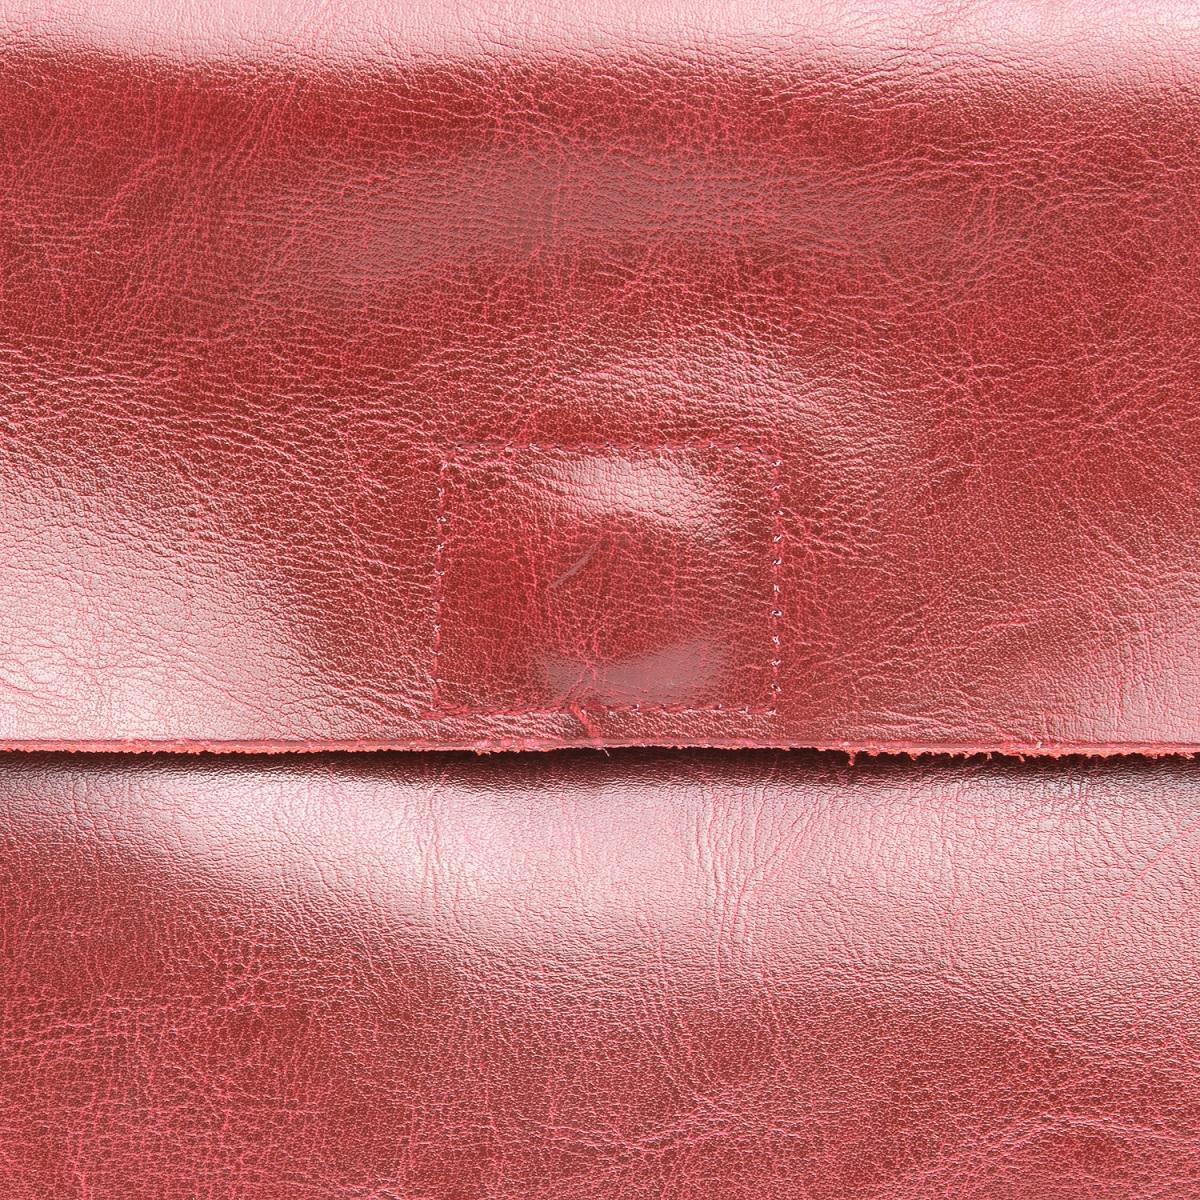 Сумка Женская Классическая кожа ALEX RAI 08-1 8605 wine-red - фото 4